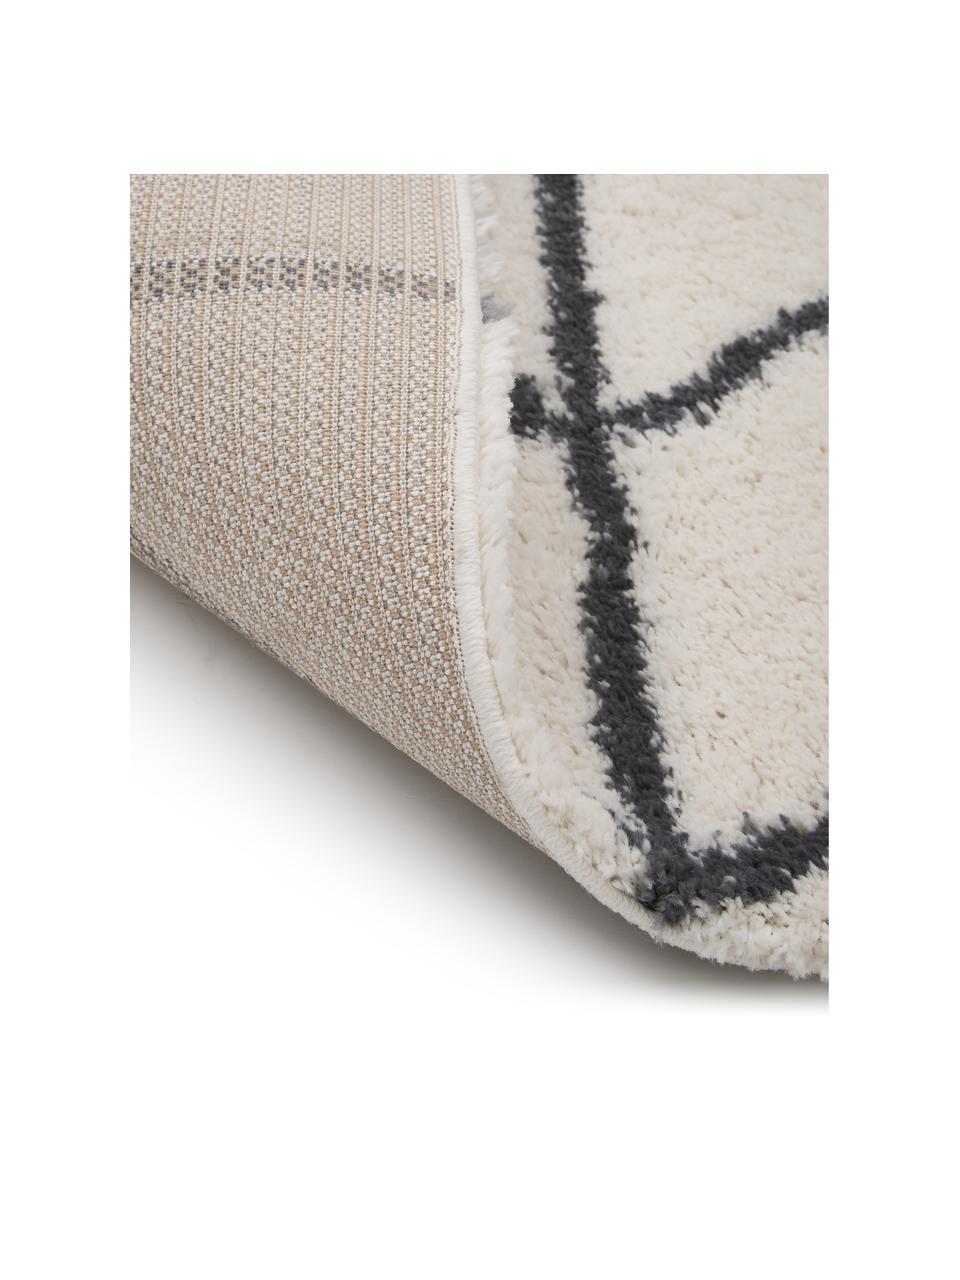 Hoogpolig vloerkleed Cera in crèmewit/donkergrijs, Bovenzijde: 100% polypropyleen, Onderzijde: 78% jute, 14% katoen, 8% , Crèmewit, donkergrijs, B 200 x L 300 cm (maat L)